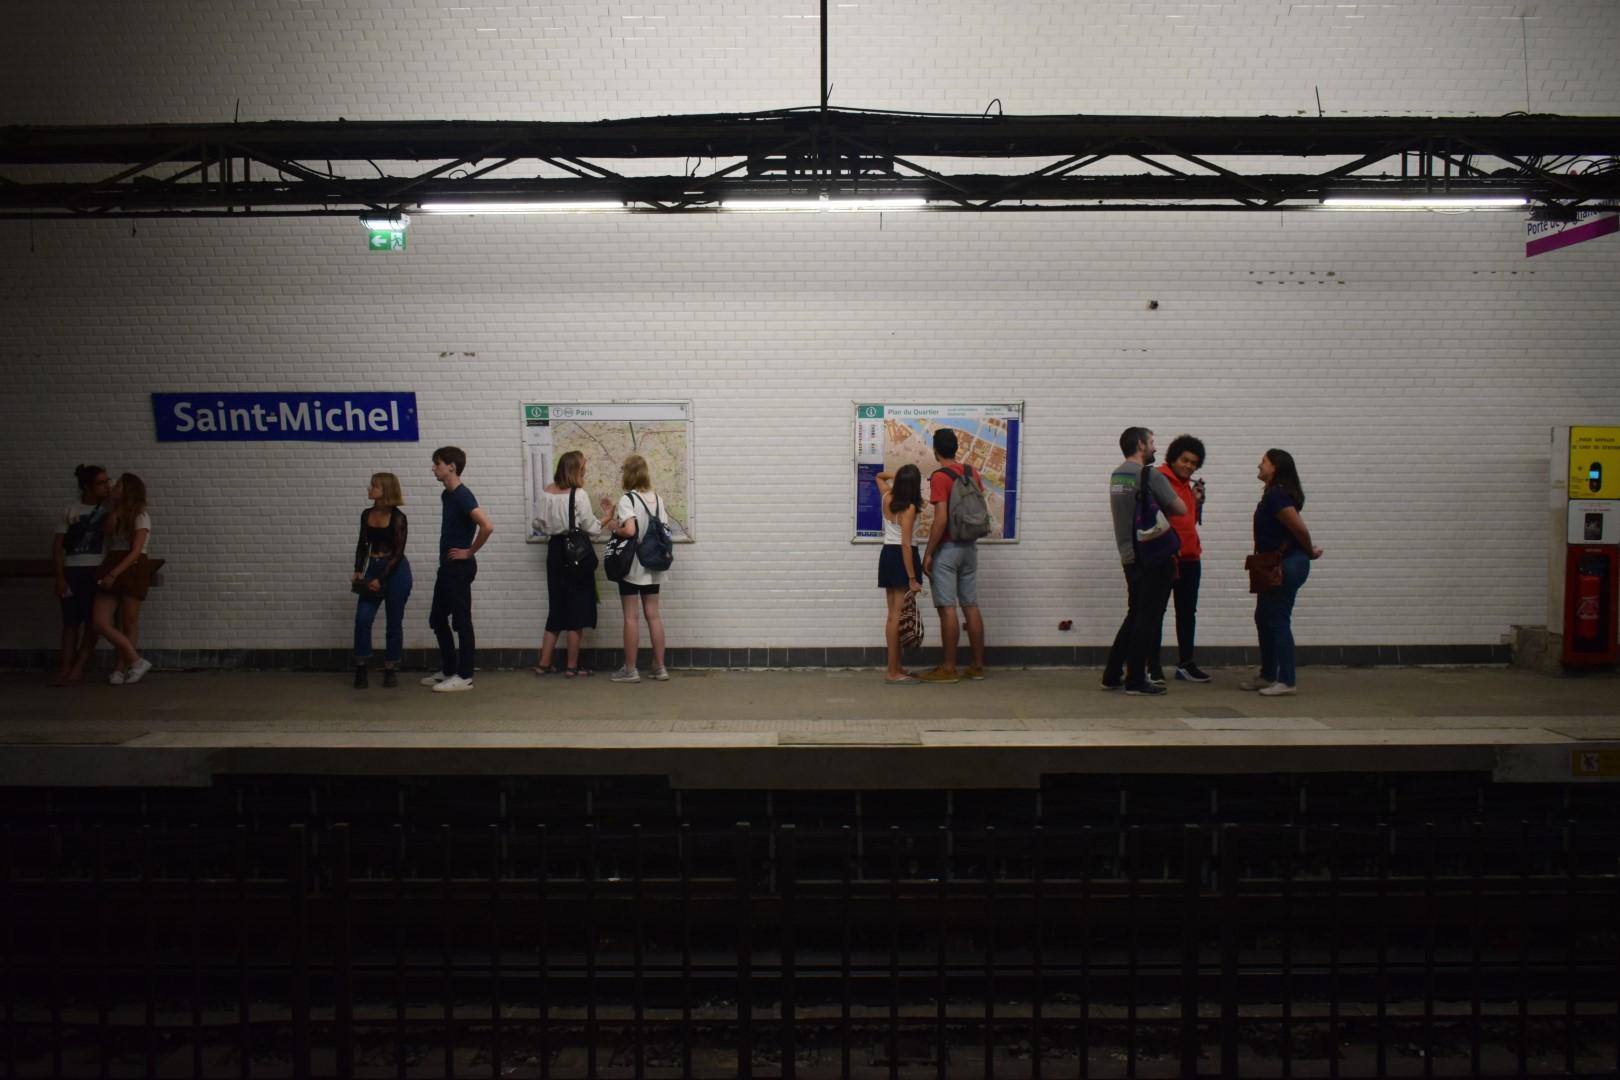 Station Saint-Michel, Paris